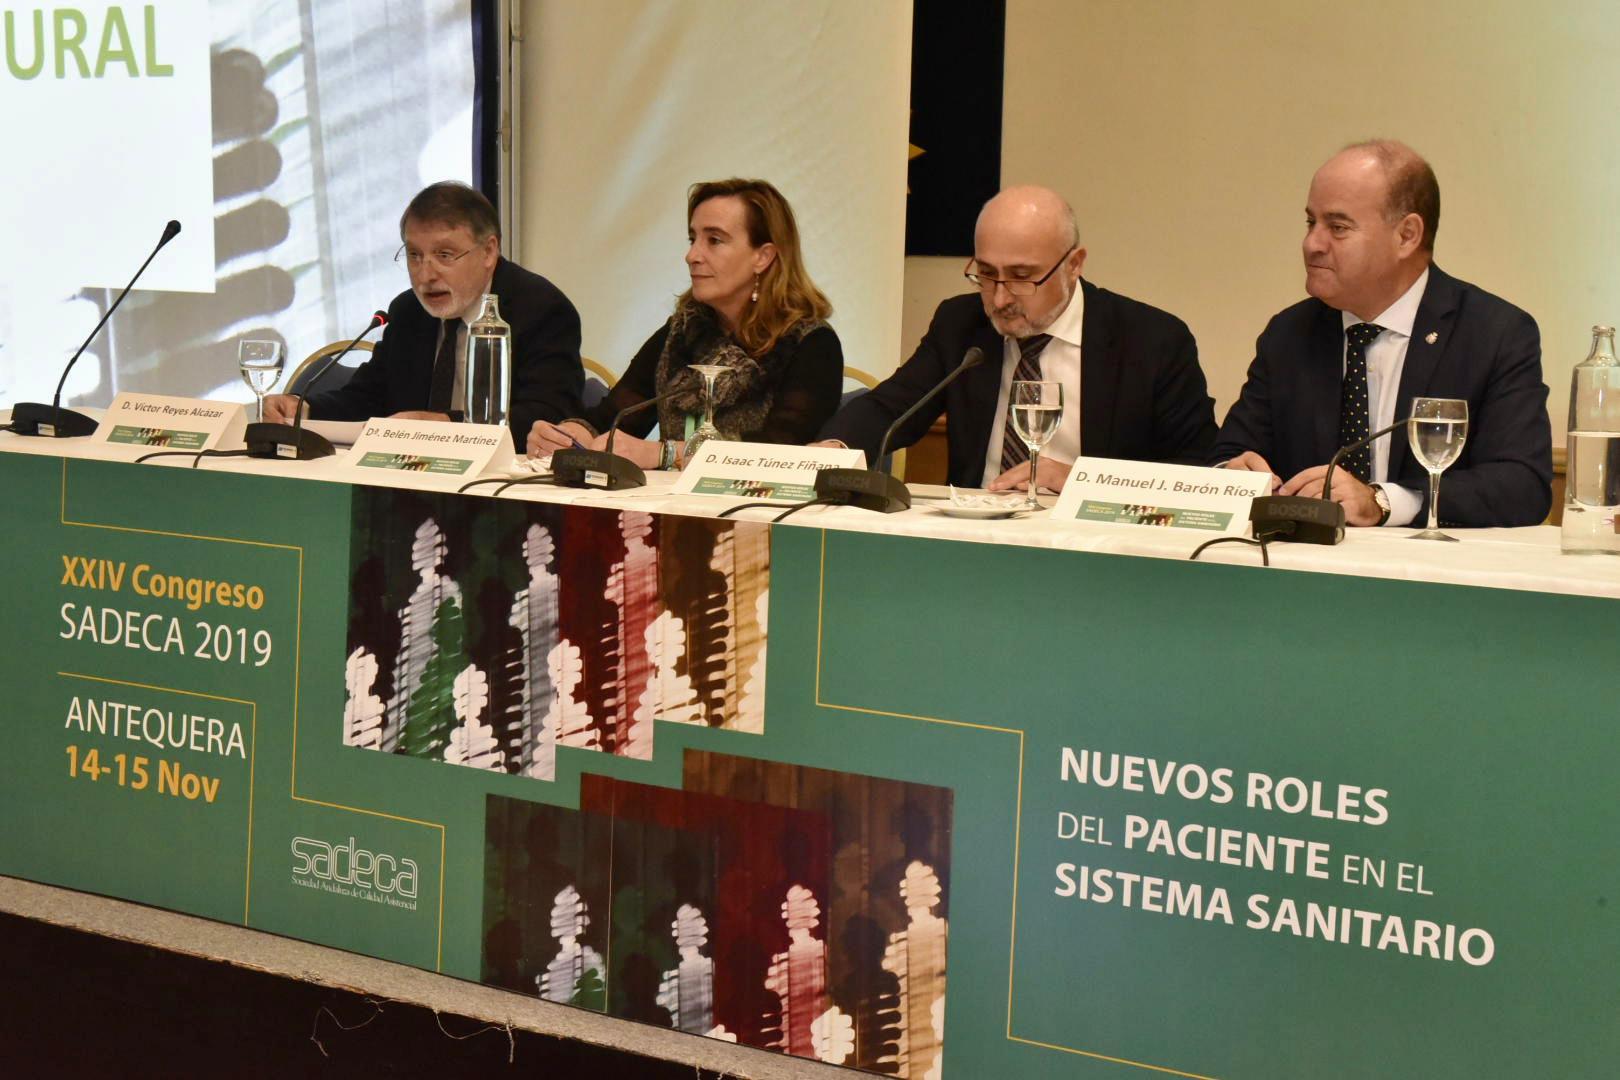 Antequera acoge el 'XXIV Congreso de la Sociedad Andaluza de Calidad Asistencial' - Las 4 Esquinas